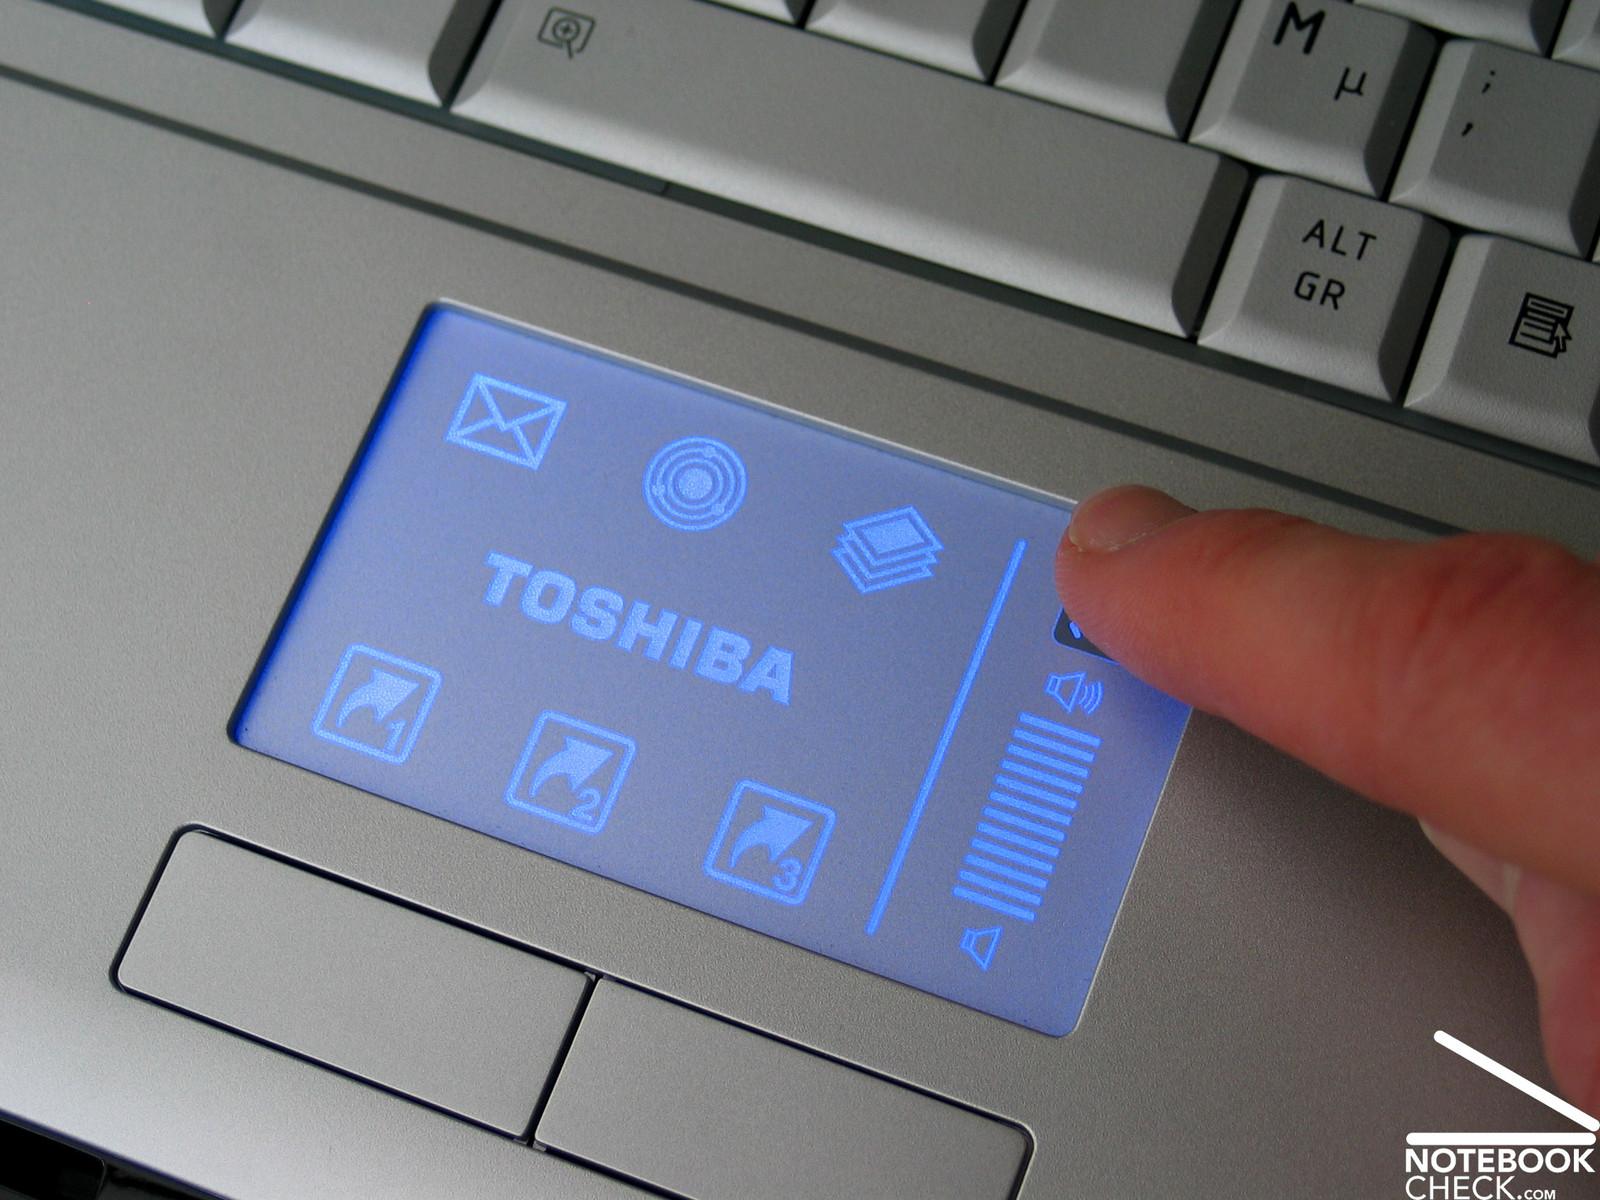 Toshiba Satellite X200 TI Flash Media Driver